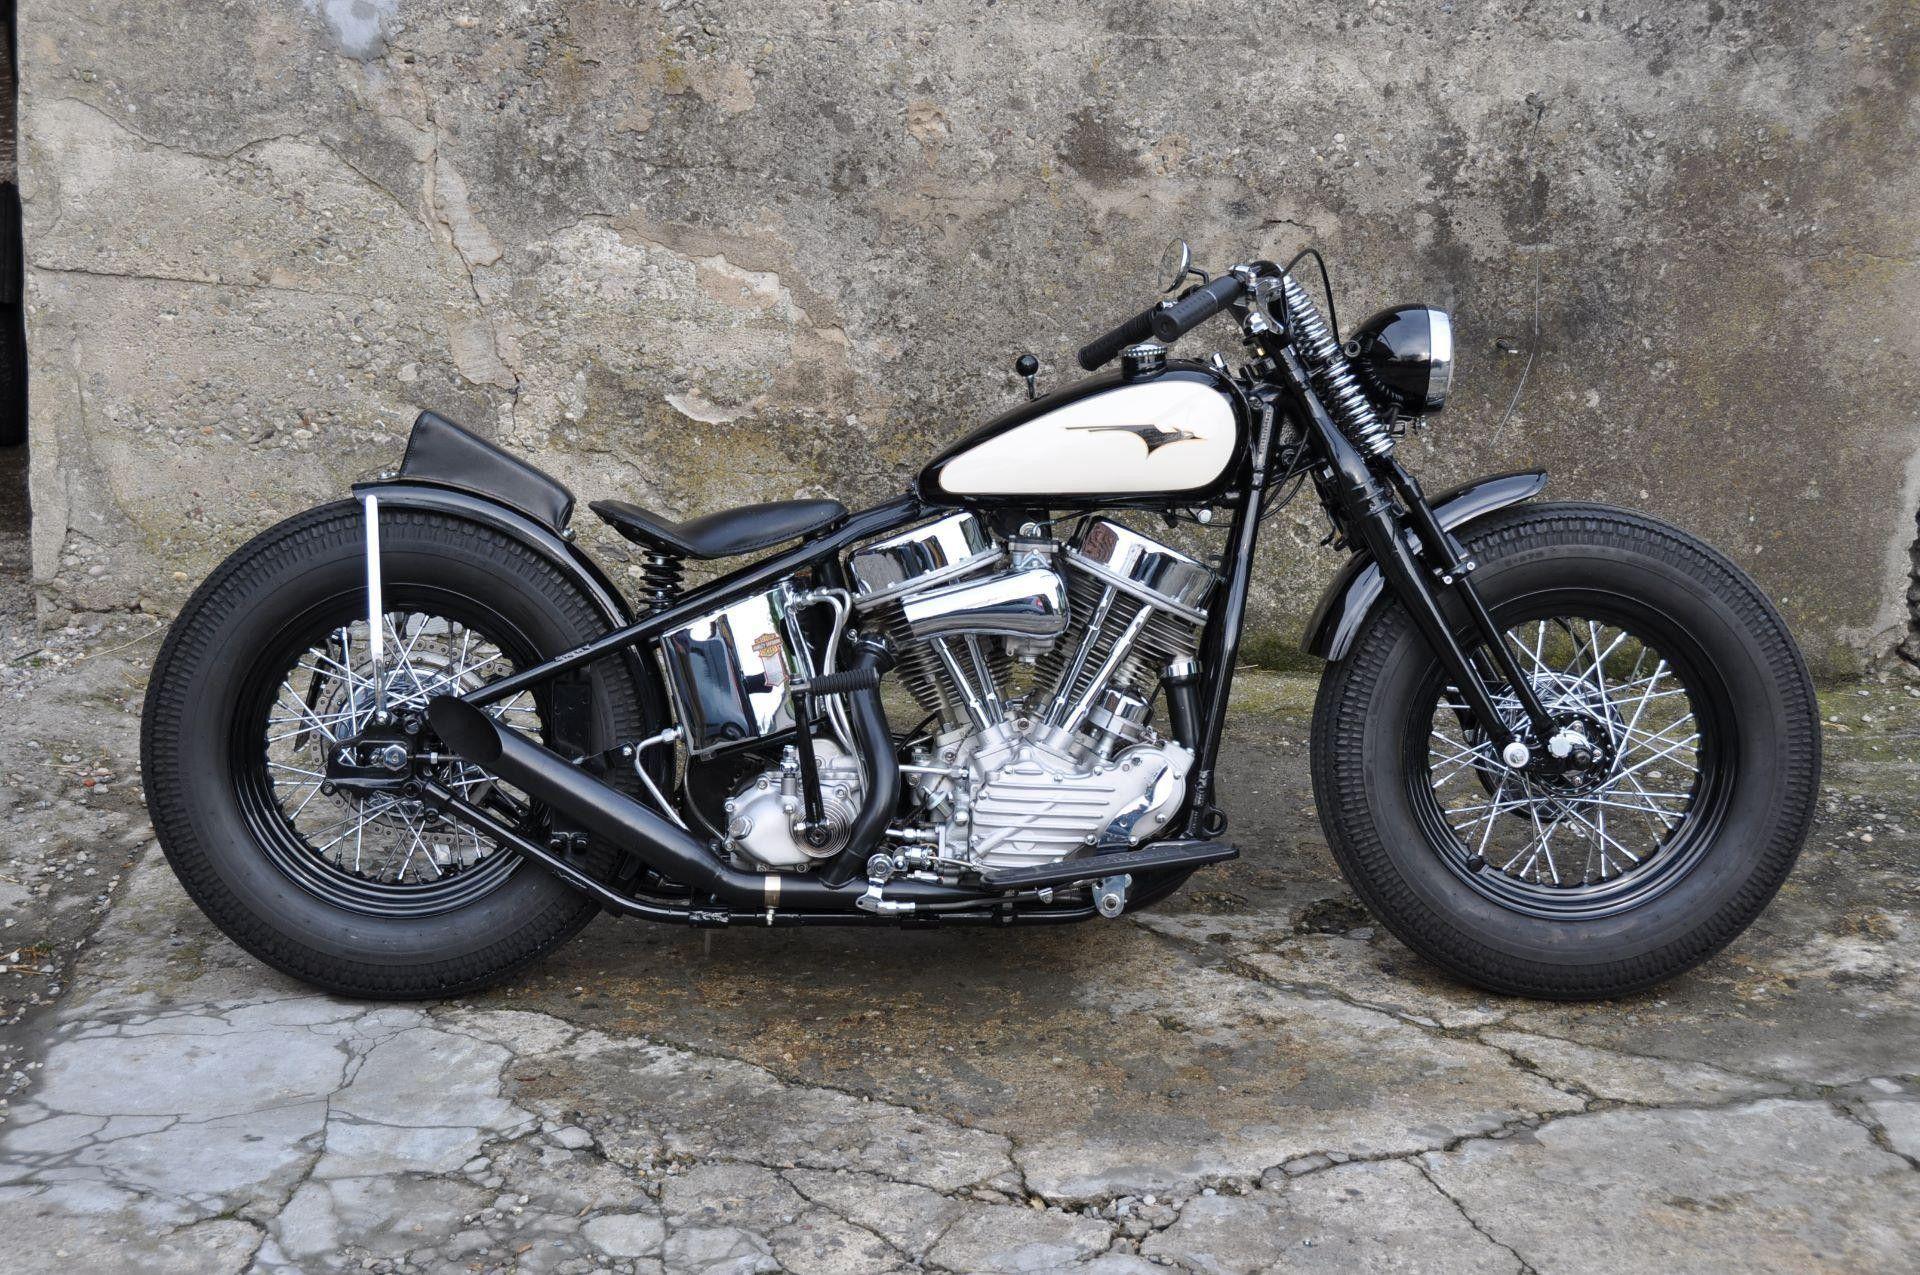 Motorrad Oldtimer Kaufen Harley Davidson Panhead Bobber 1207 Ccm Baujahr 1948 Professionell Revidiert Und Resta Harley Davidson Panhead Panhead Bobber Bobber